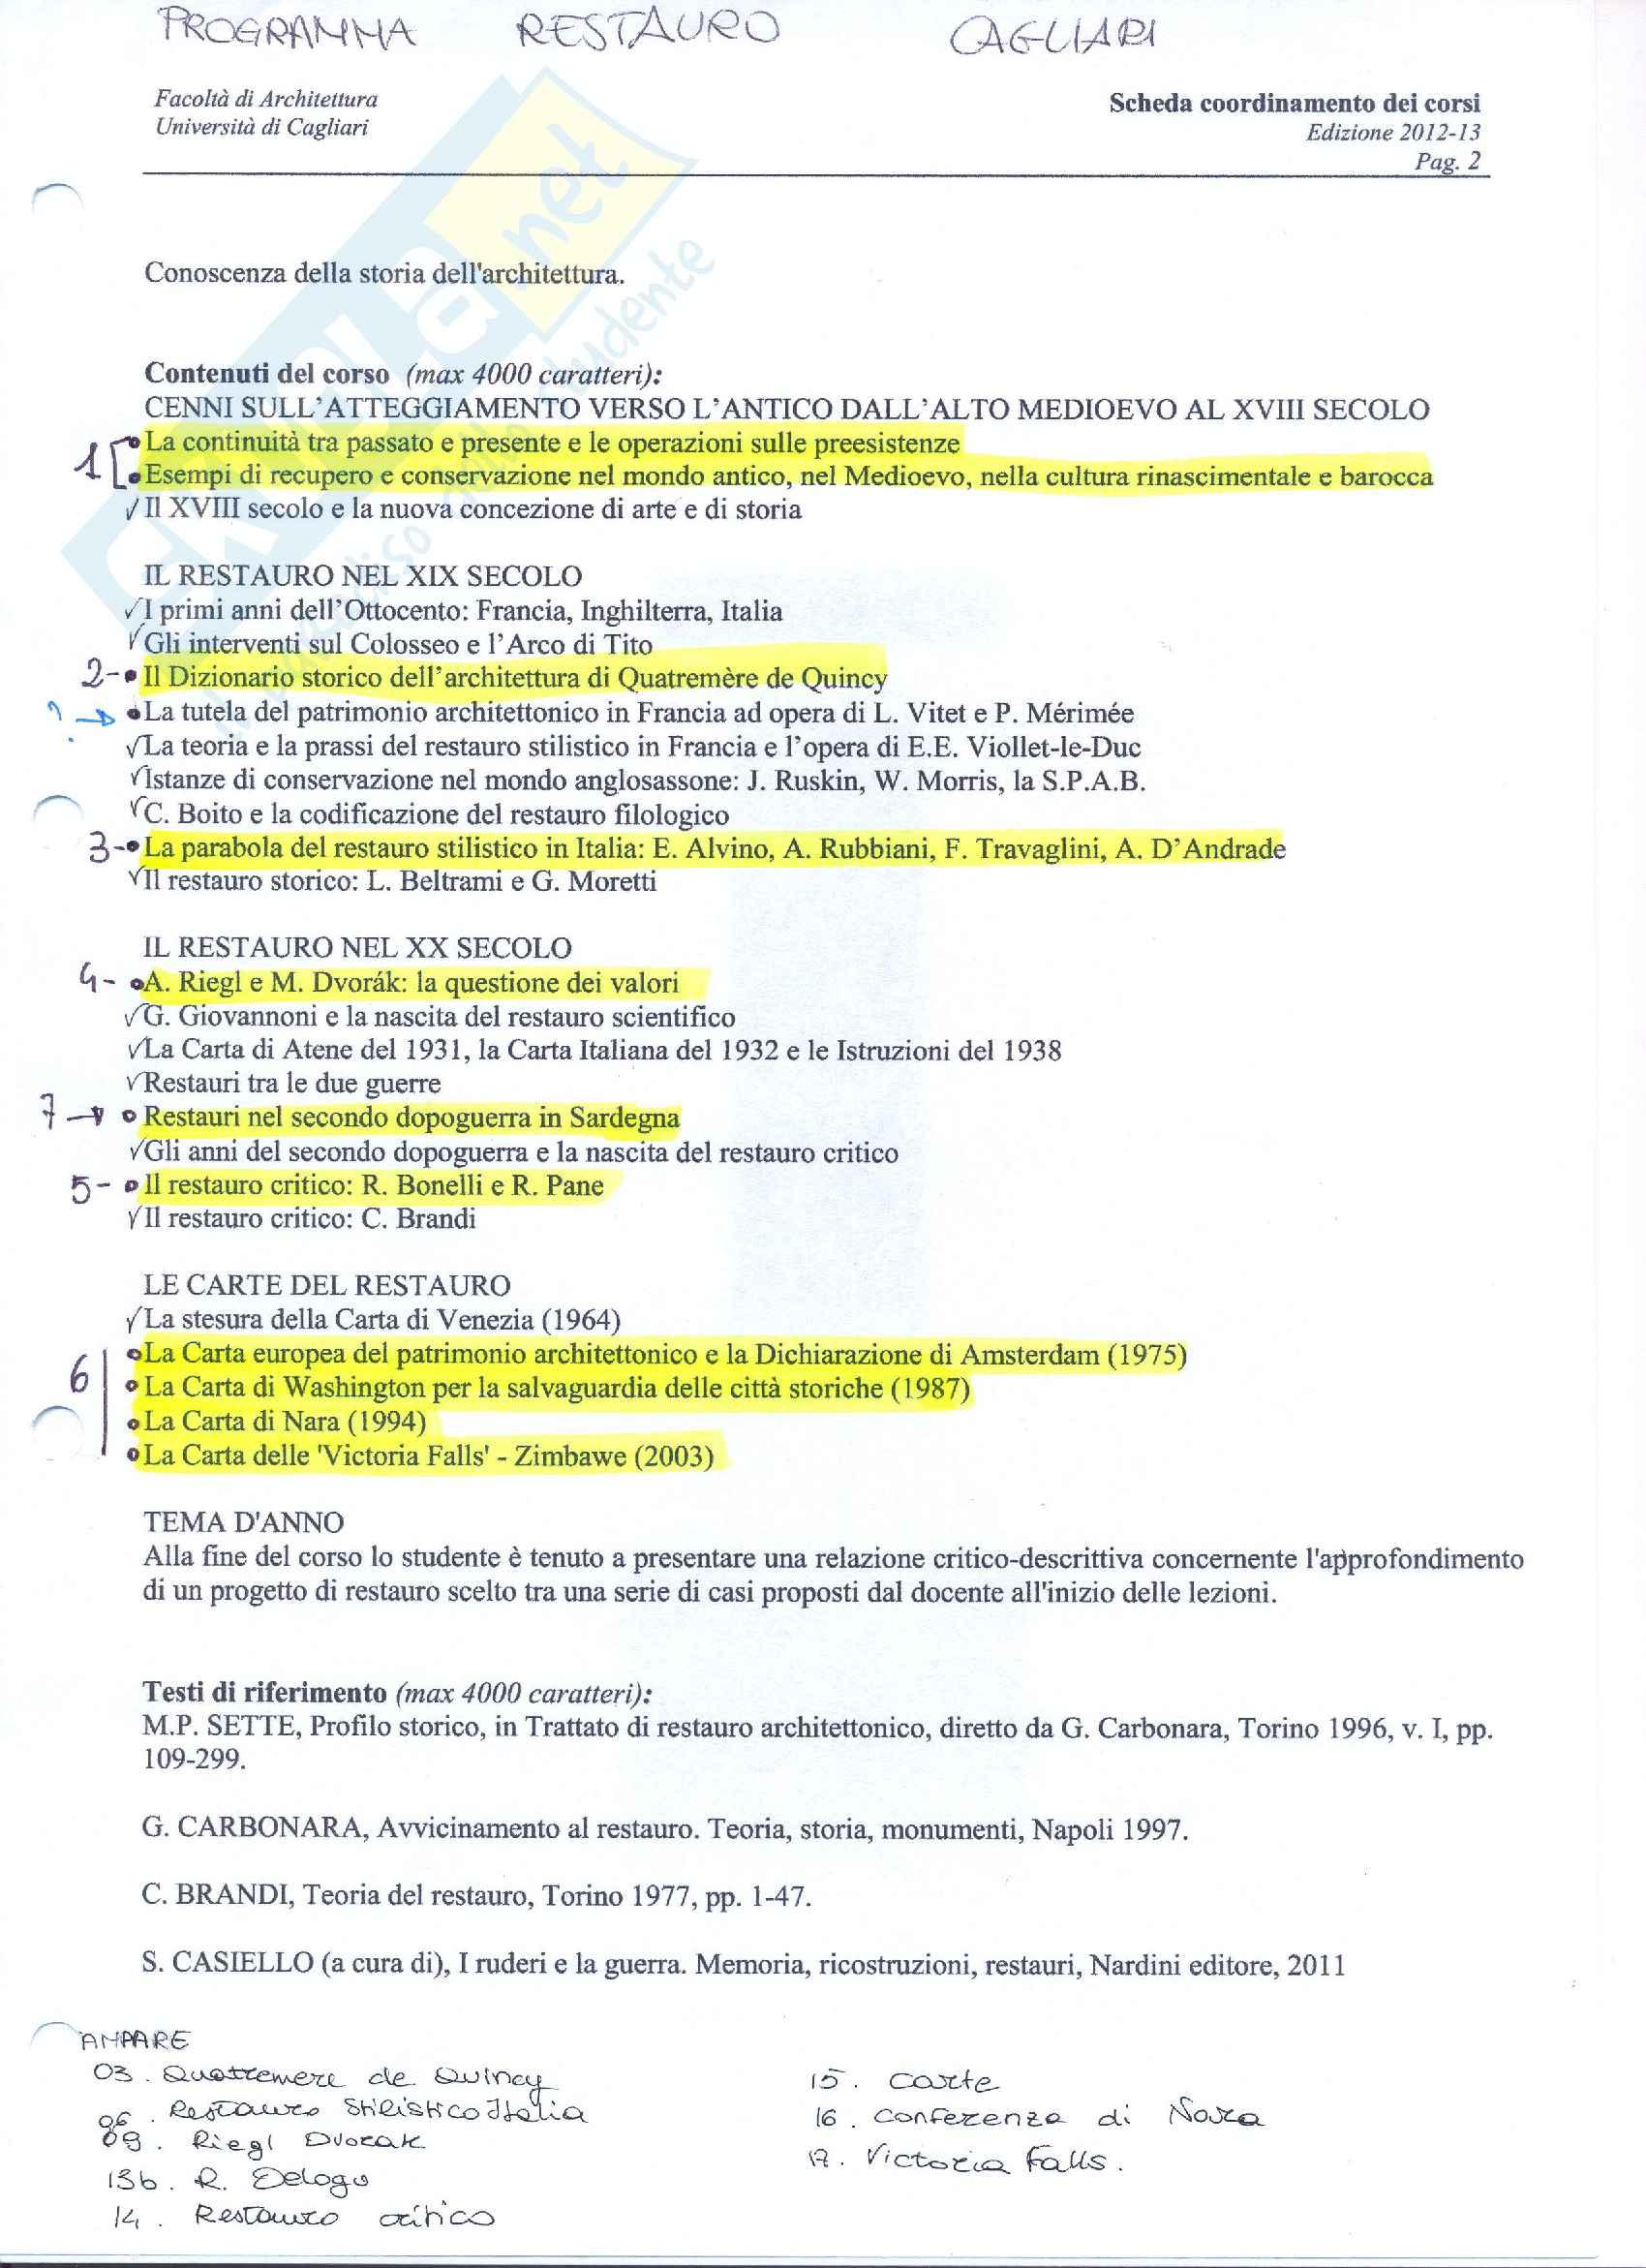 Appunti di Teoria e storia del restauro